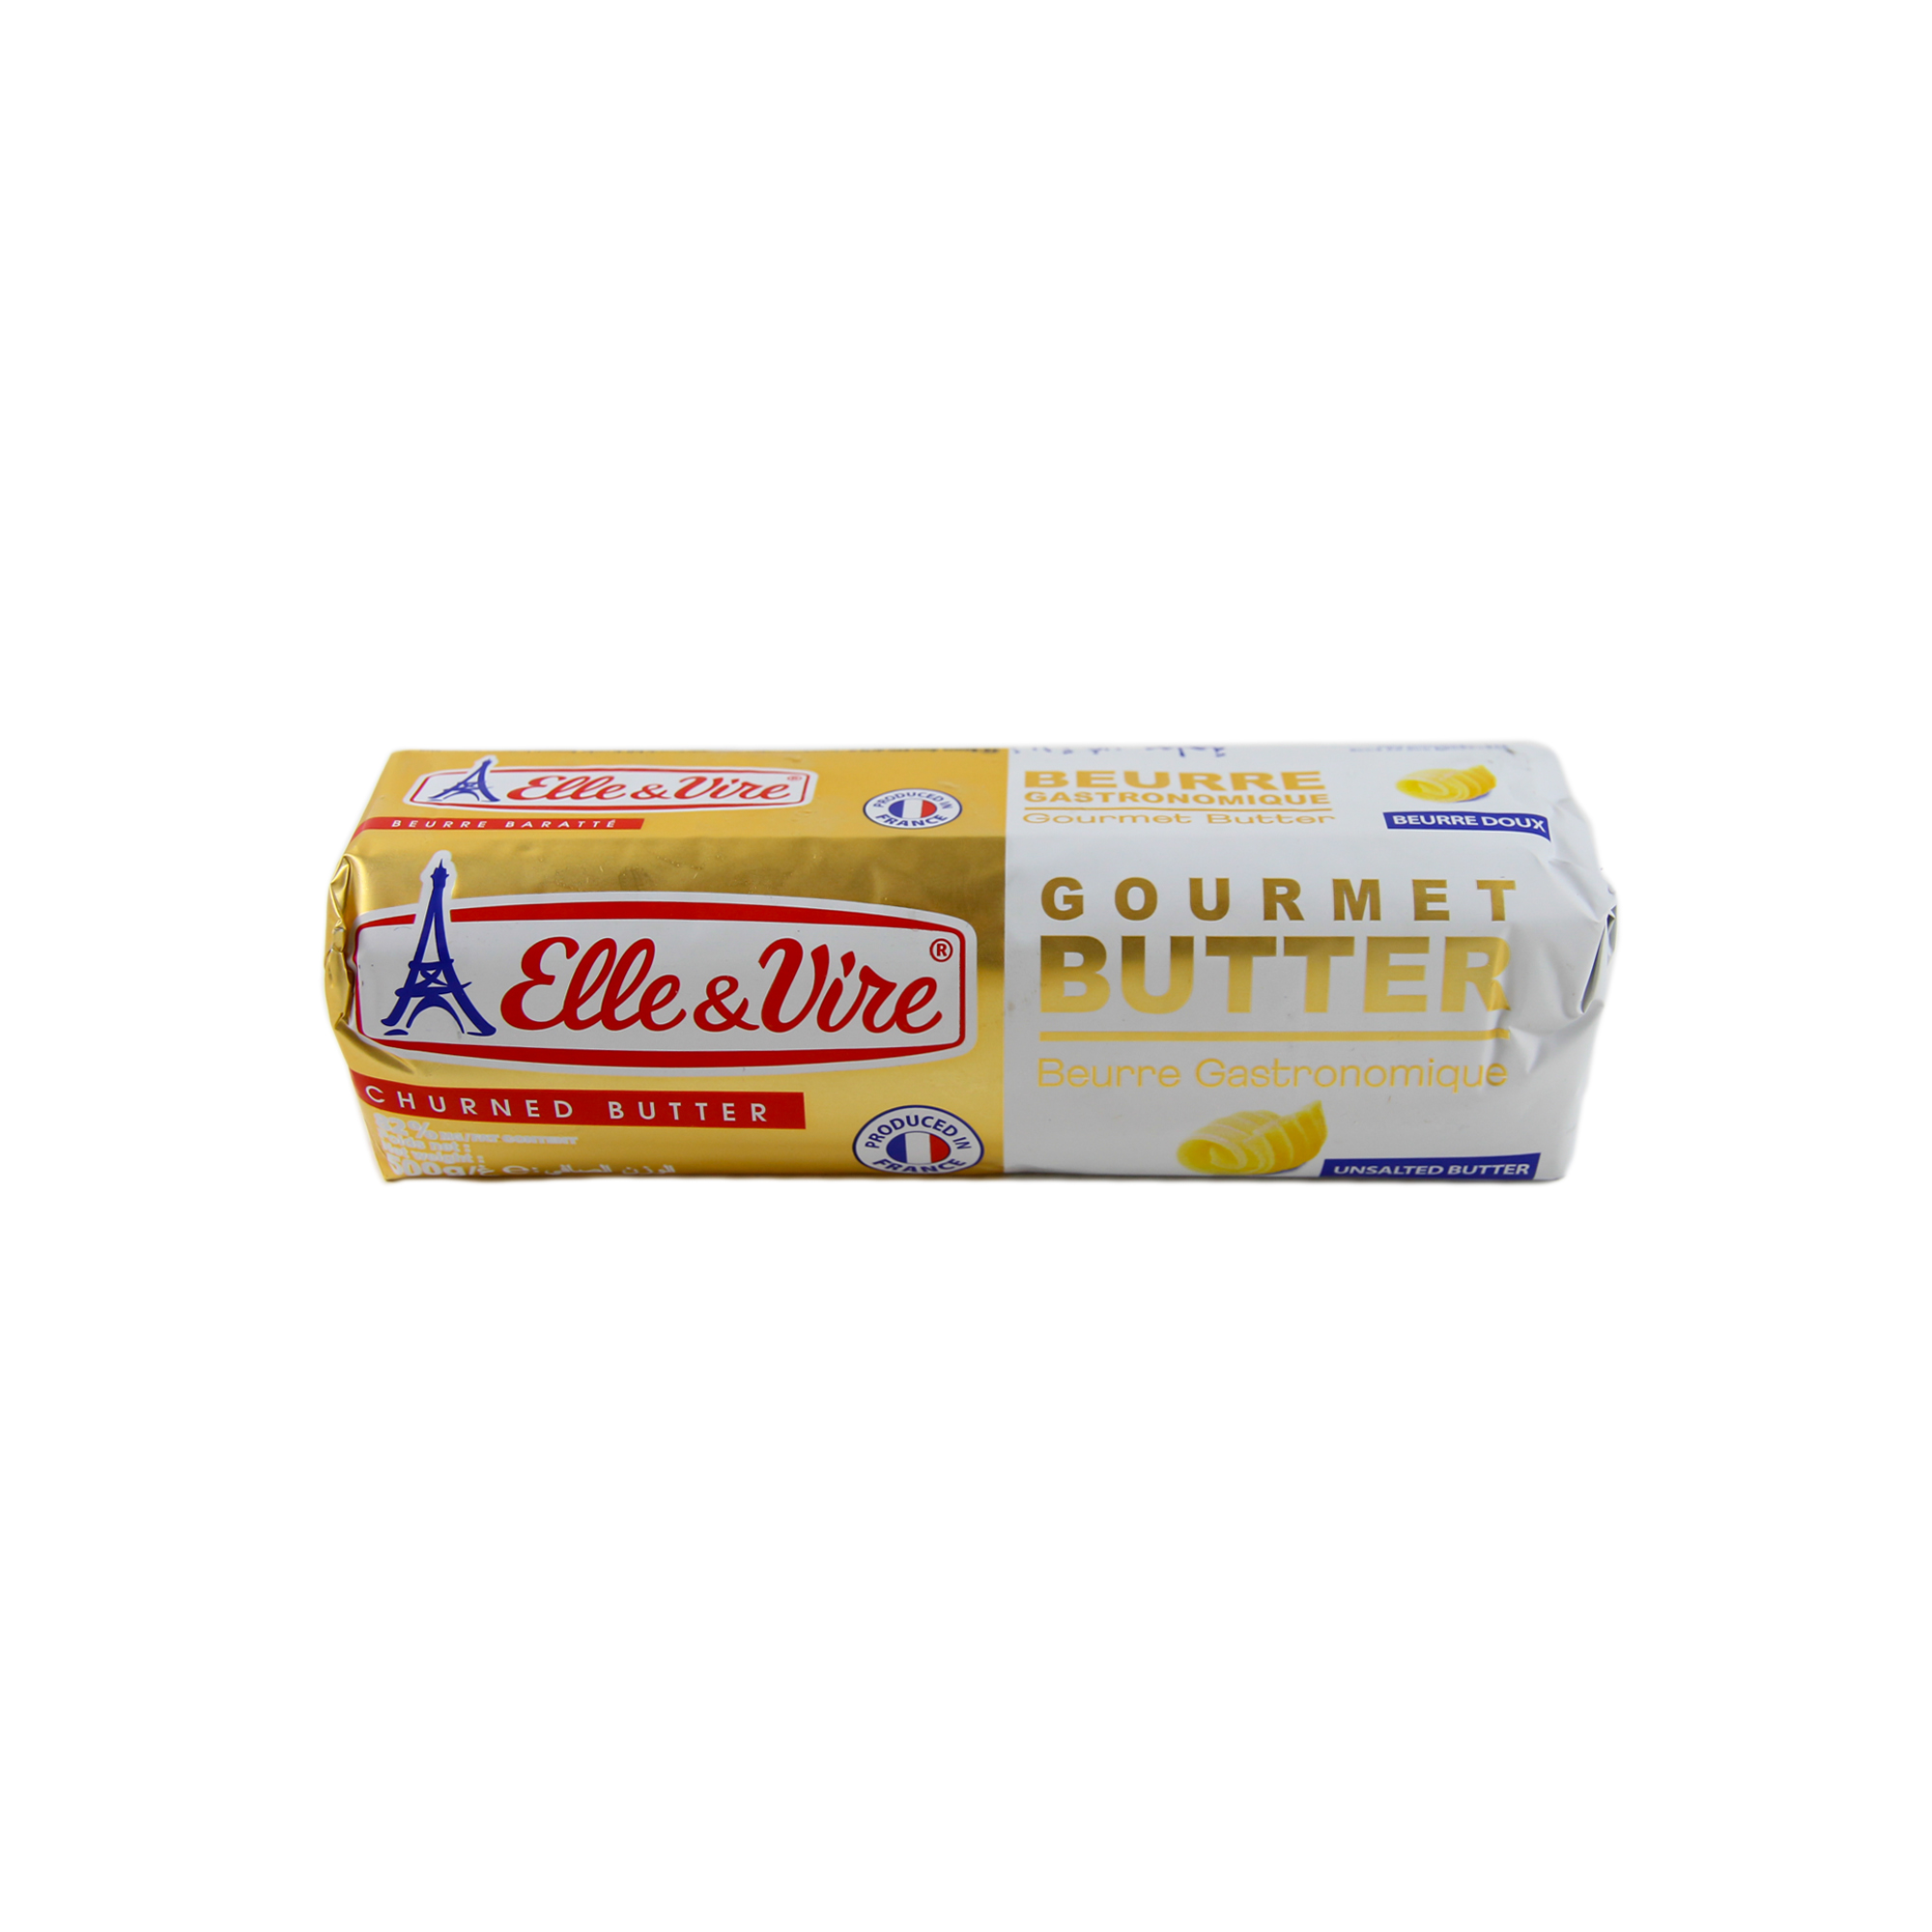 Elle&Vire เนยจืด เเบบเเถว (Elle&Vire unsalted butter roll) 500 g